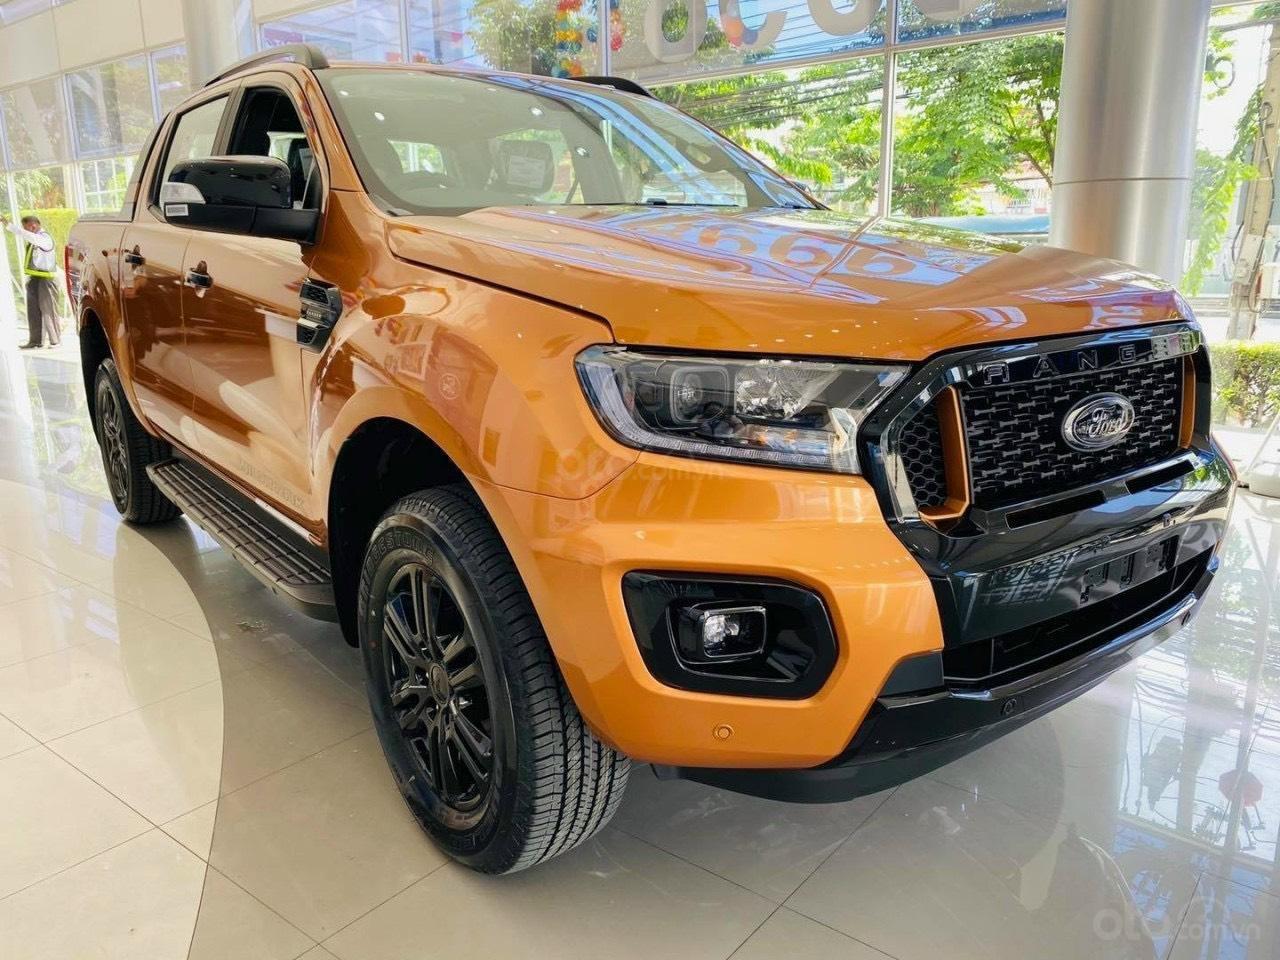 Ford Hà Nội - Ford Ranger Wildtrak 4x4 Bi-Turbo 2021 trả góp 90%, không chứng minh thu nhập, toàn quốc (1)